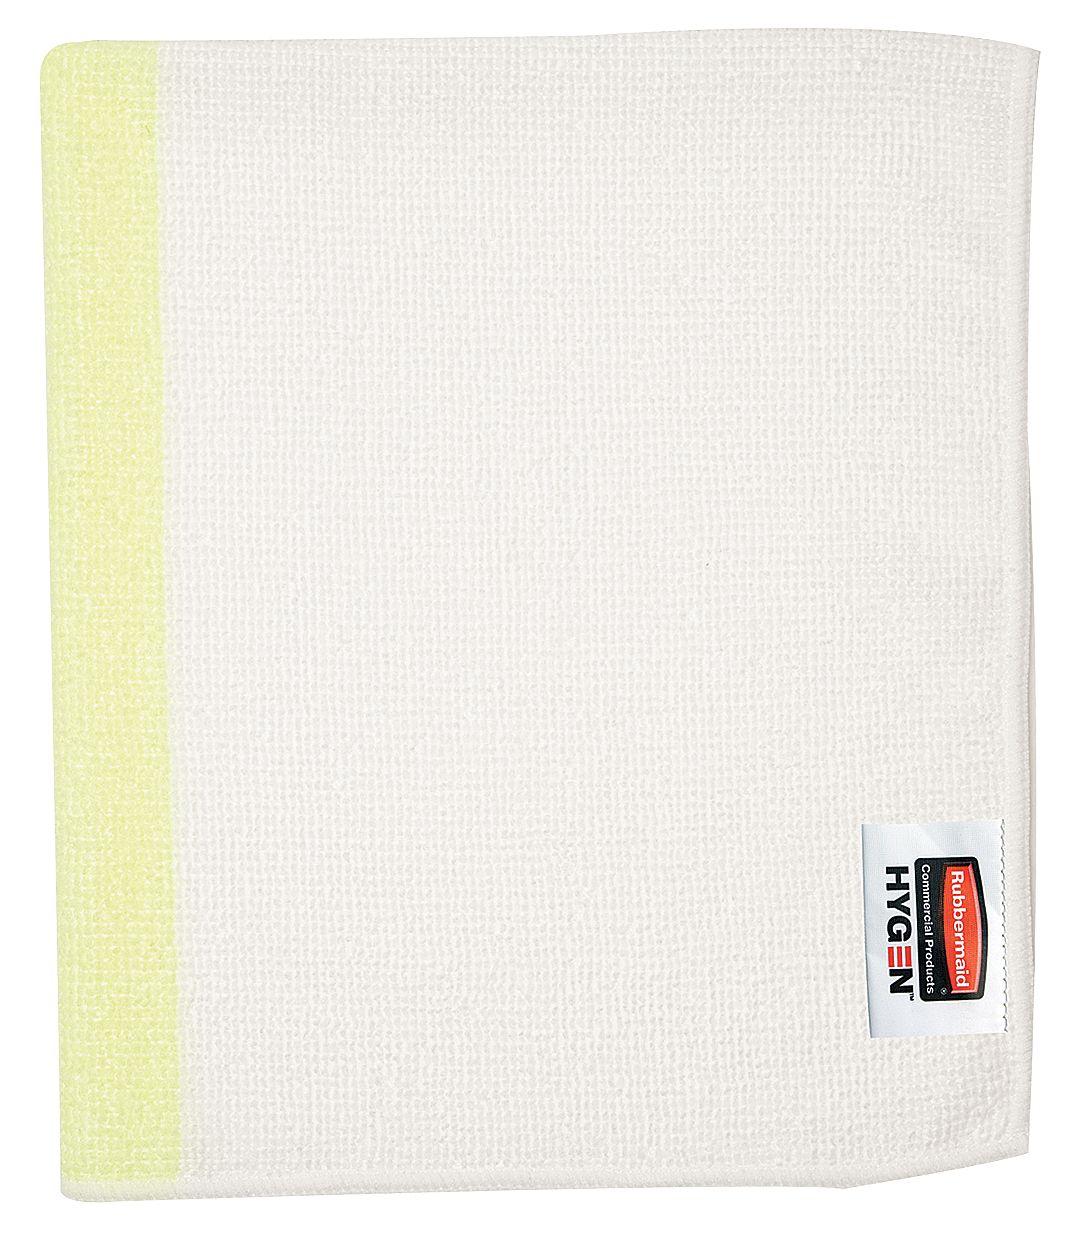 Paño de microfibra Blanco con linea de color Amarilla